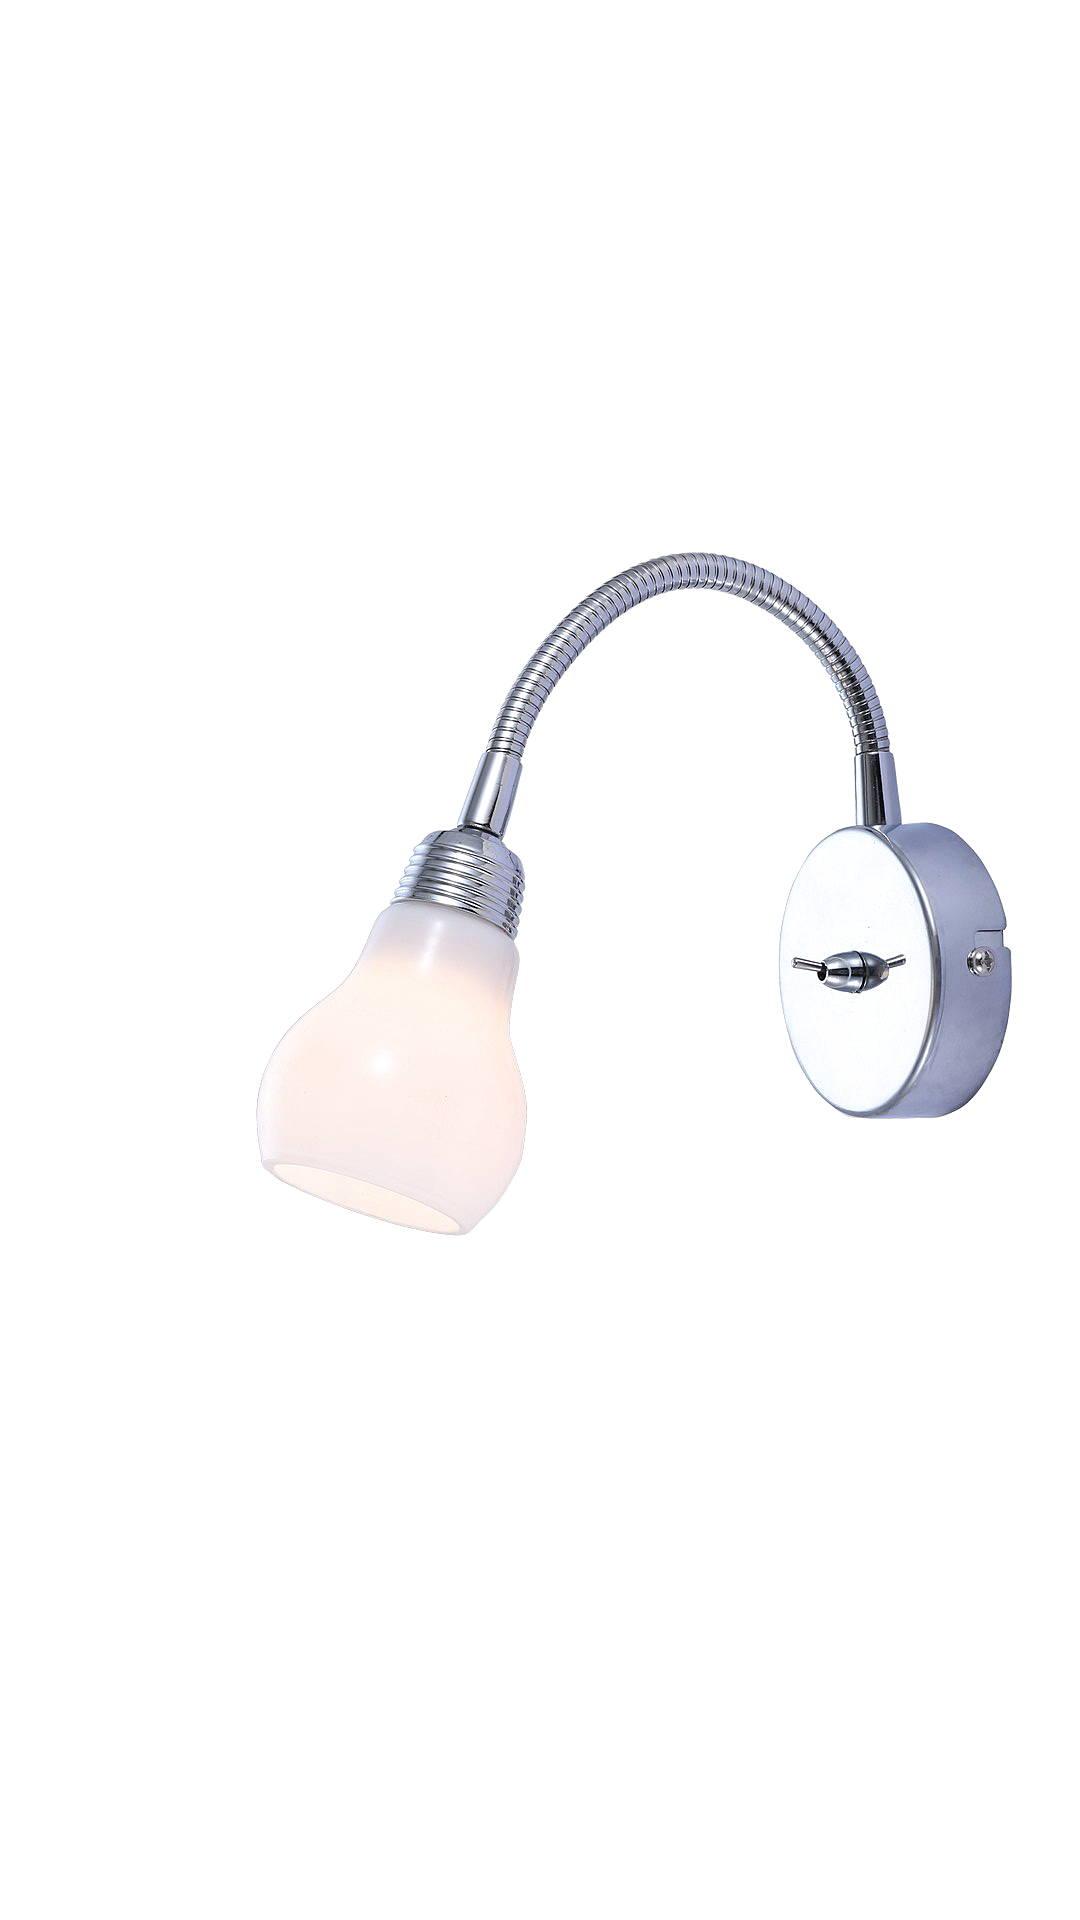 Фото товара A5271AP-1CC Arte Lamp